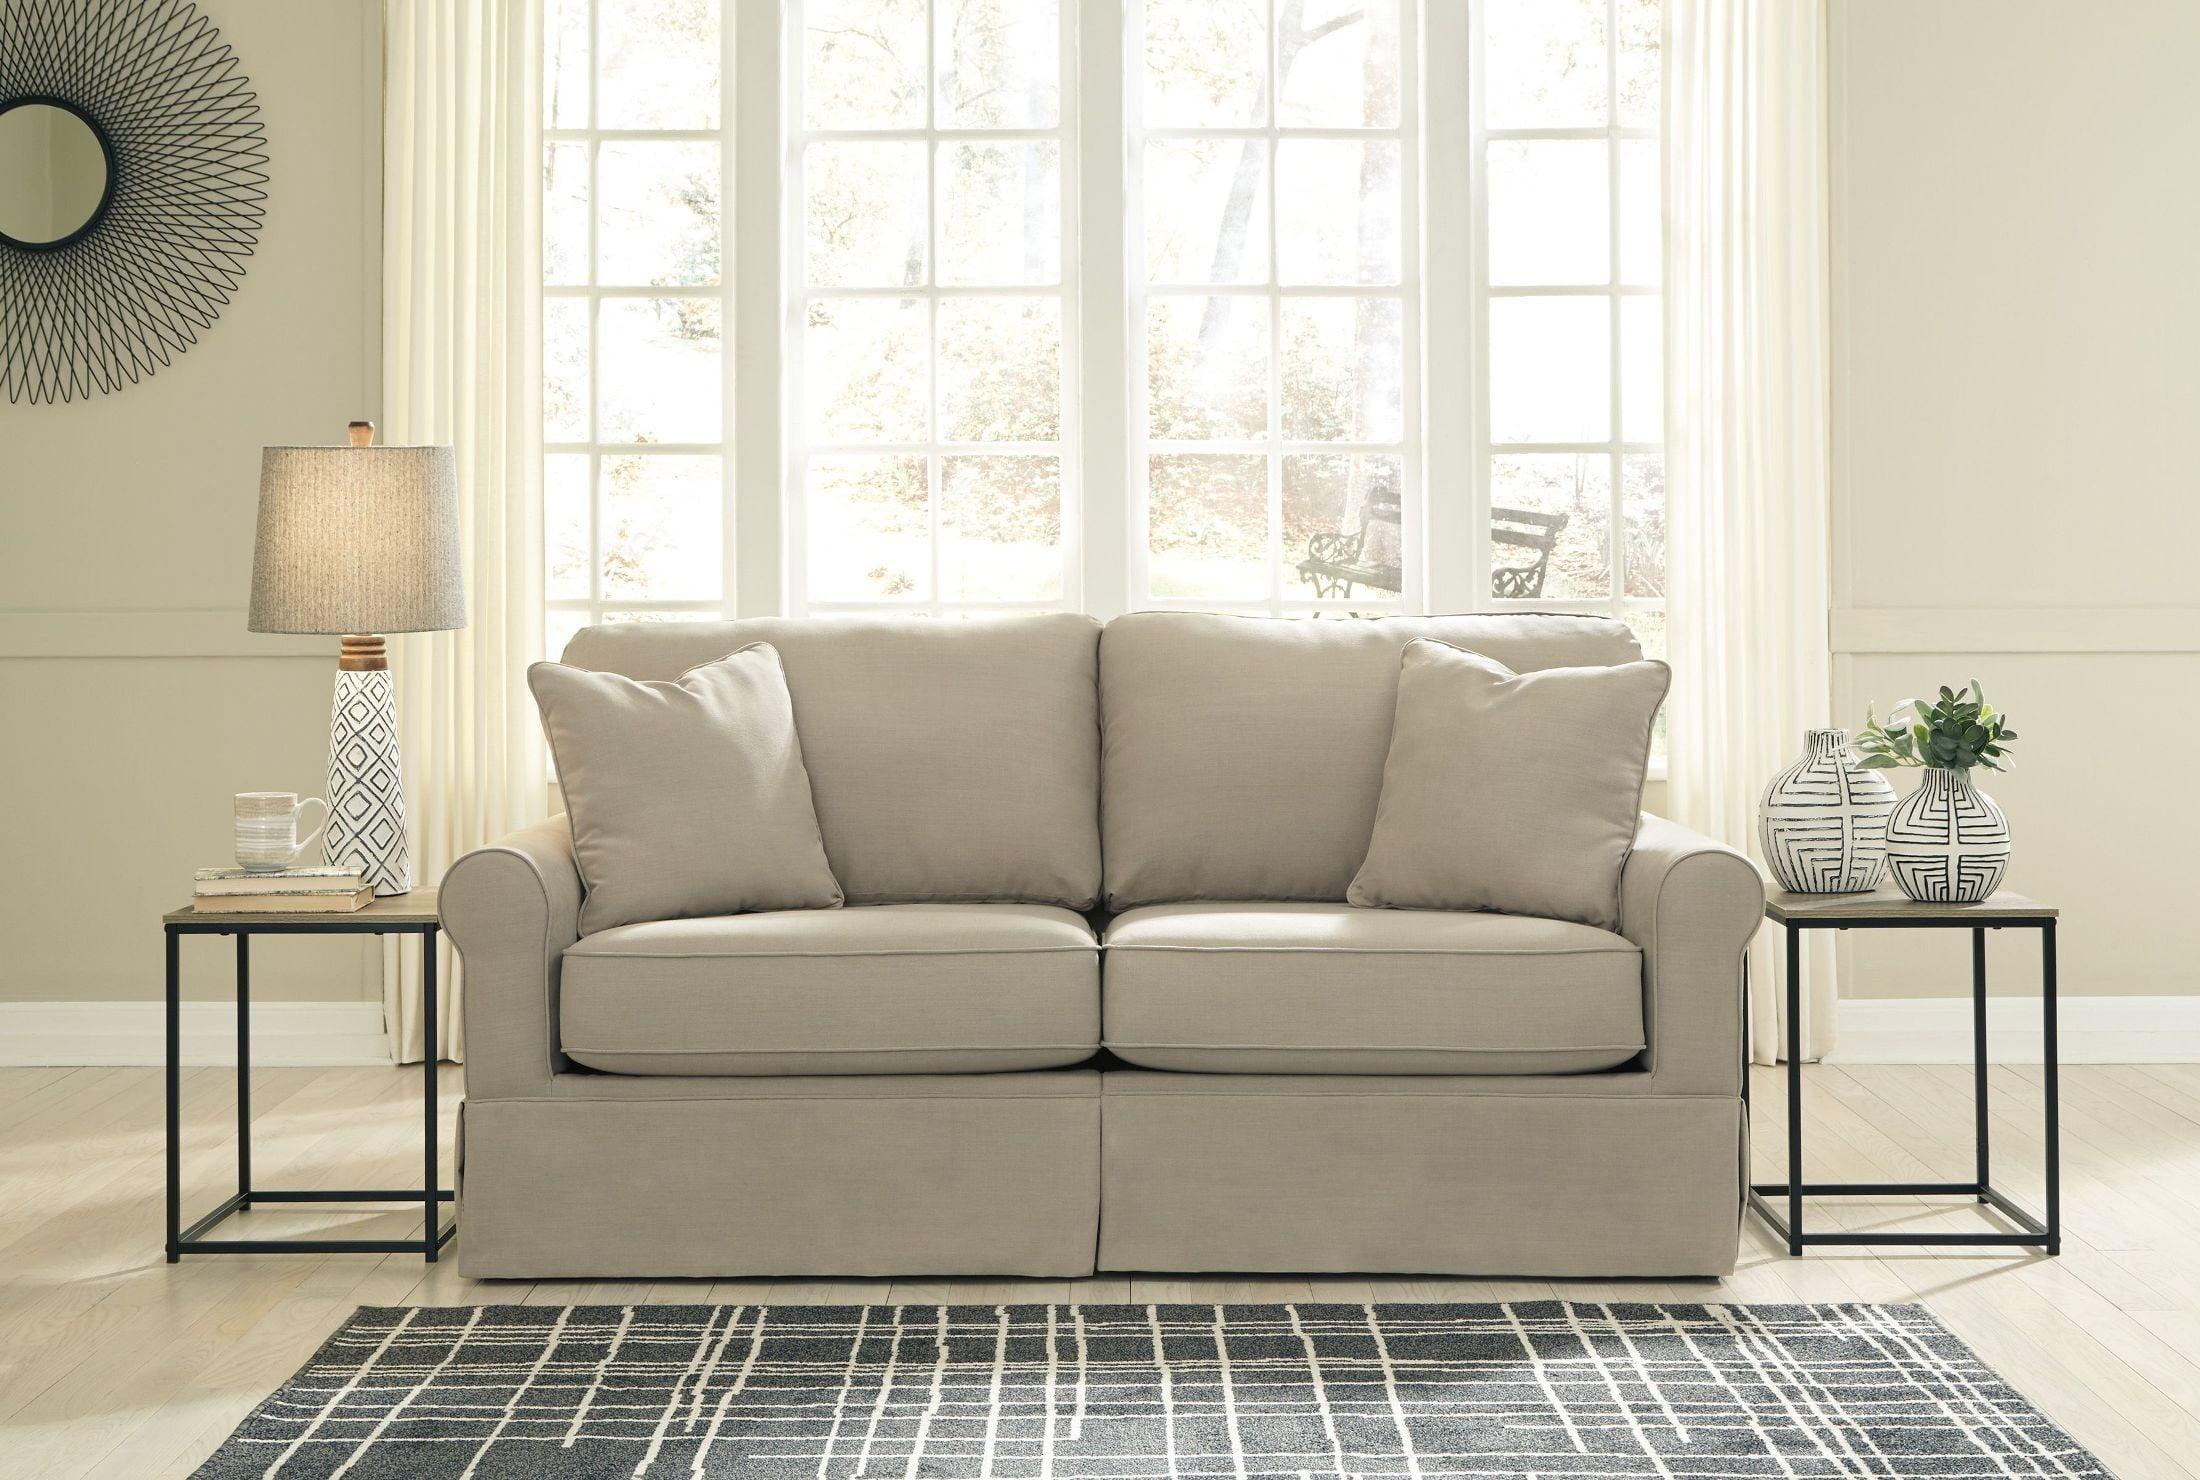 Beautiful Ashleys Furniture Living Room Sets Crest - Living Room ...